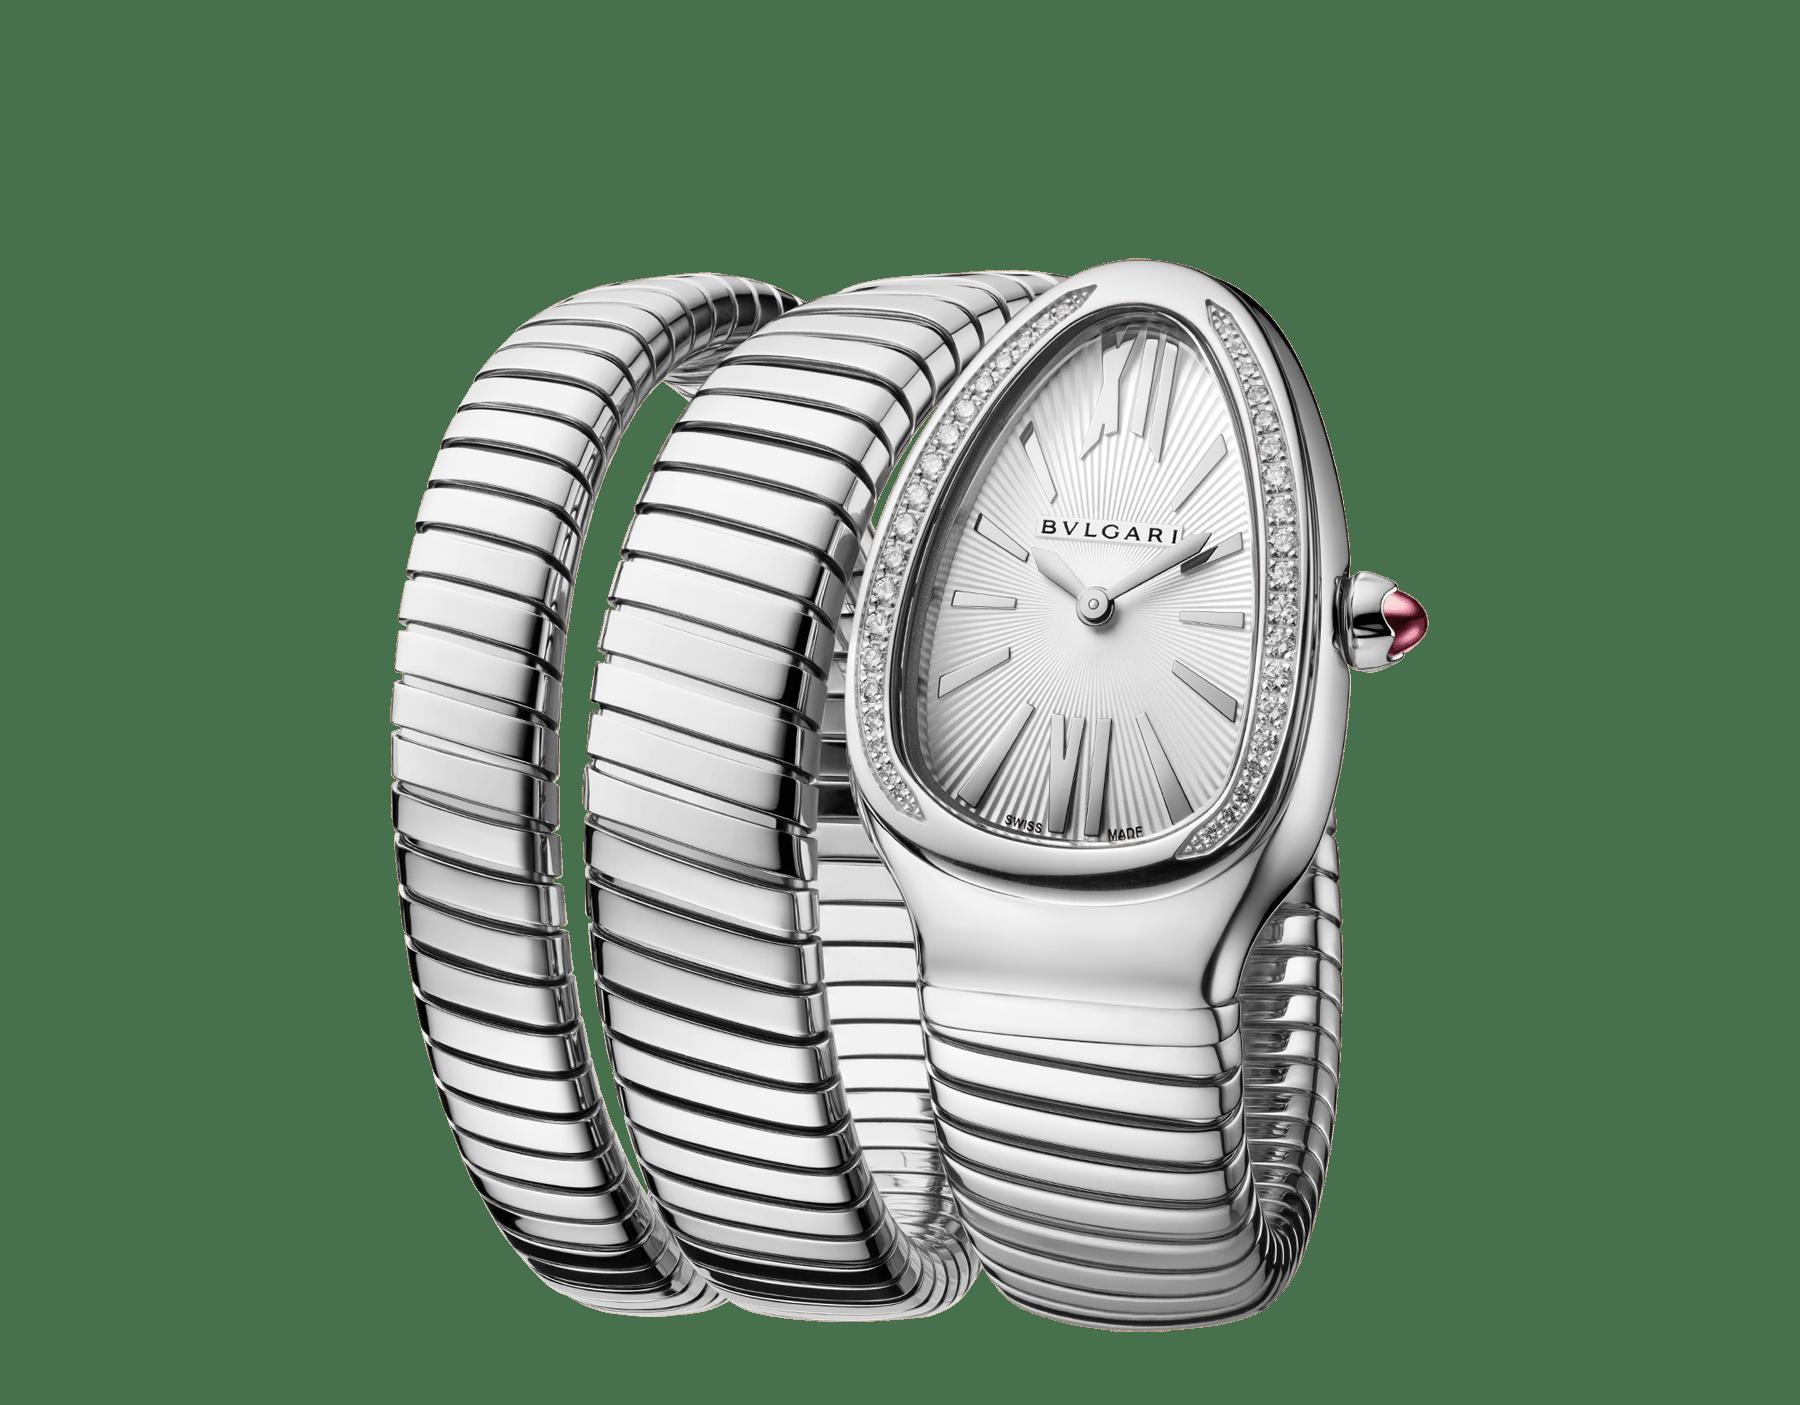 Orologio Serpenti Tubogas con cassa e bracciale a doppia spirale in acciaio inossidabile, lunetta con diamanti taglio brillante e quadrante argento opalino. 101910 image 2